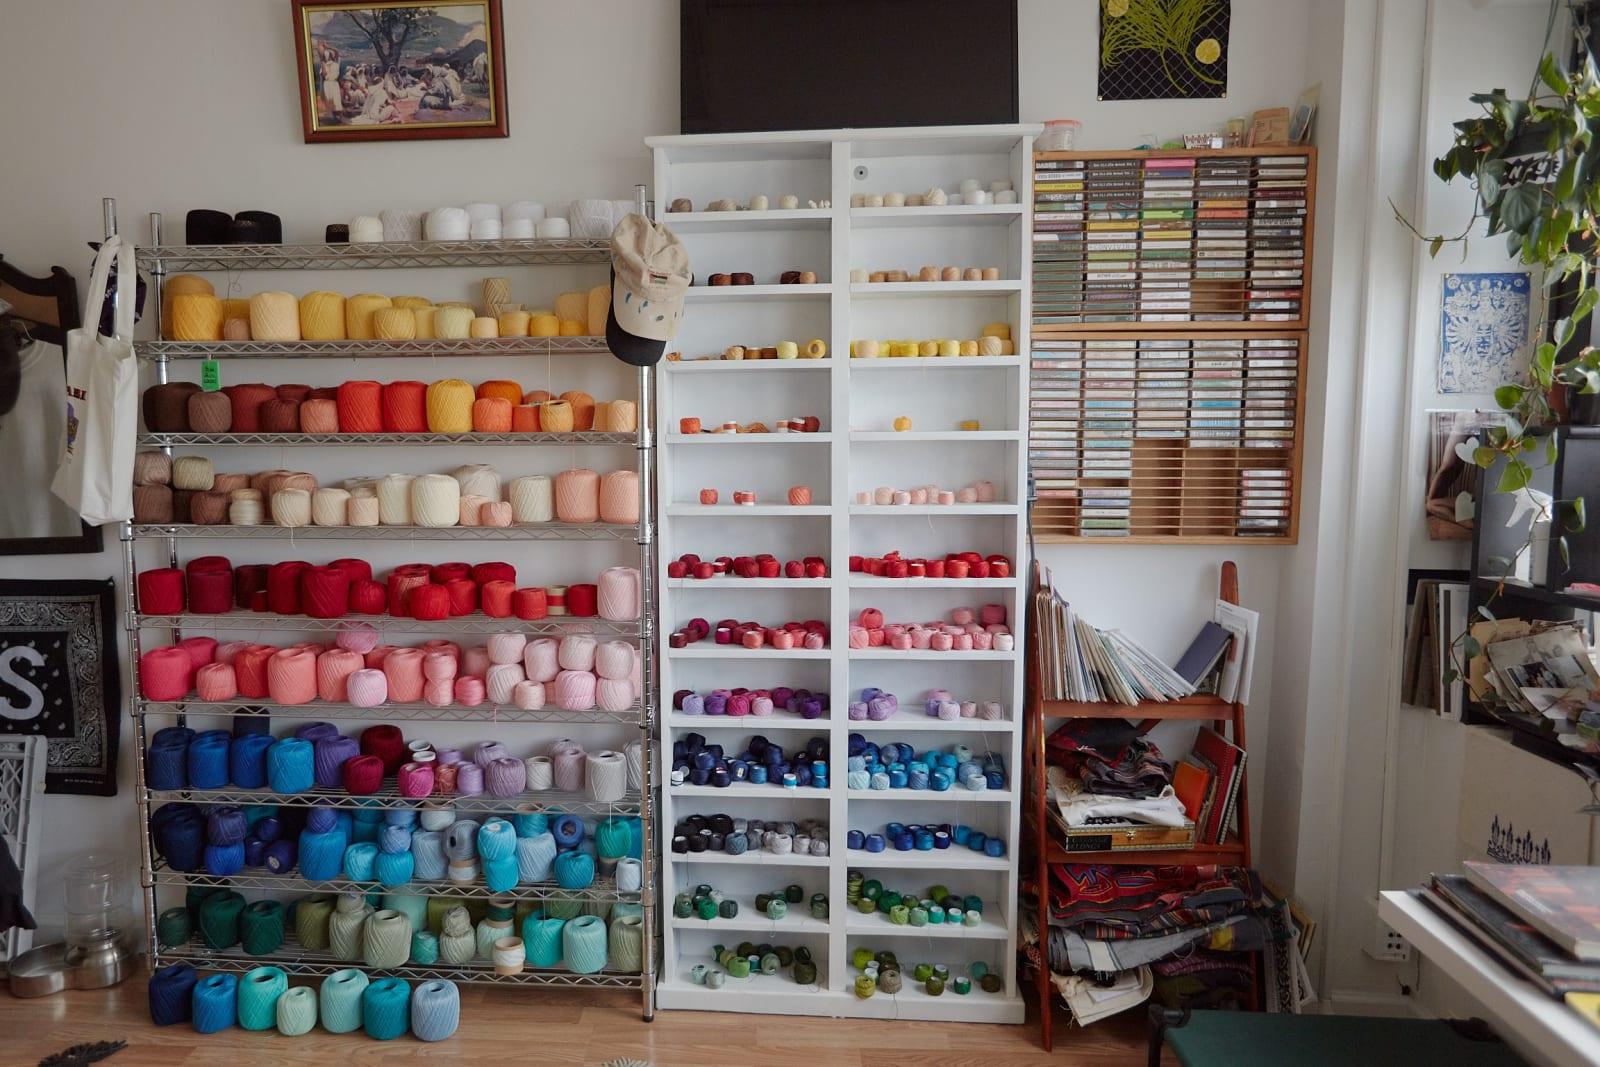 Nassar's studio, Brooklyn, NY. Photo by Roy Beeson, 2020.